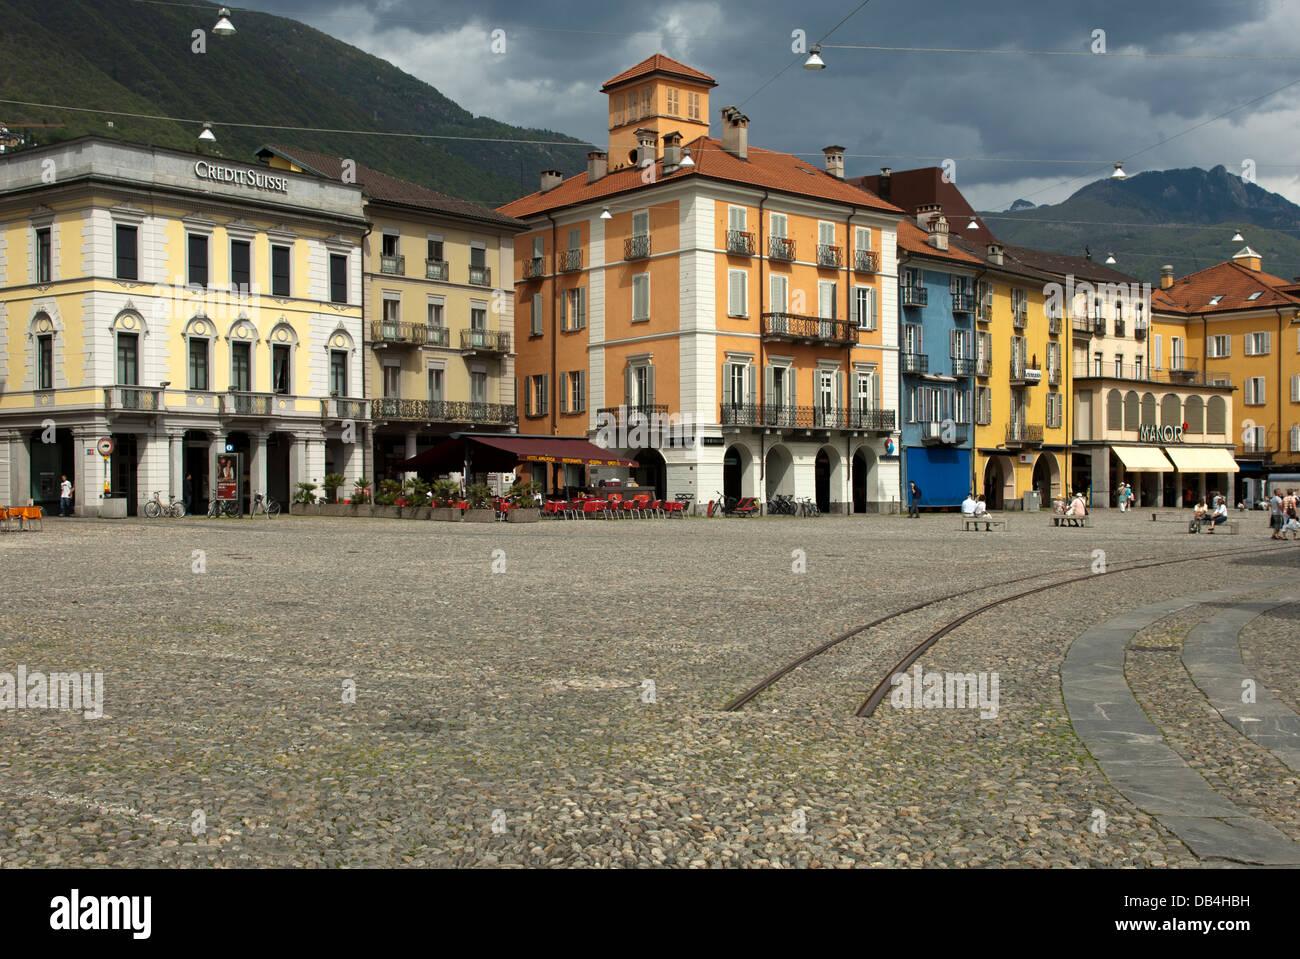 Cobblestone pavement on the main square Piazza Grande, Locarno,Ticino, Switzerland - Stock Image